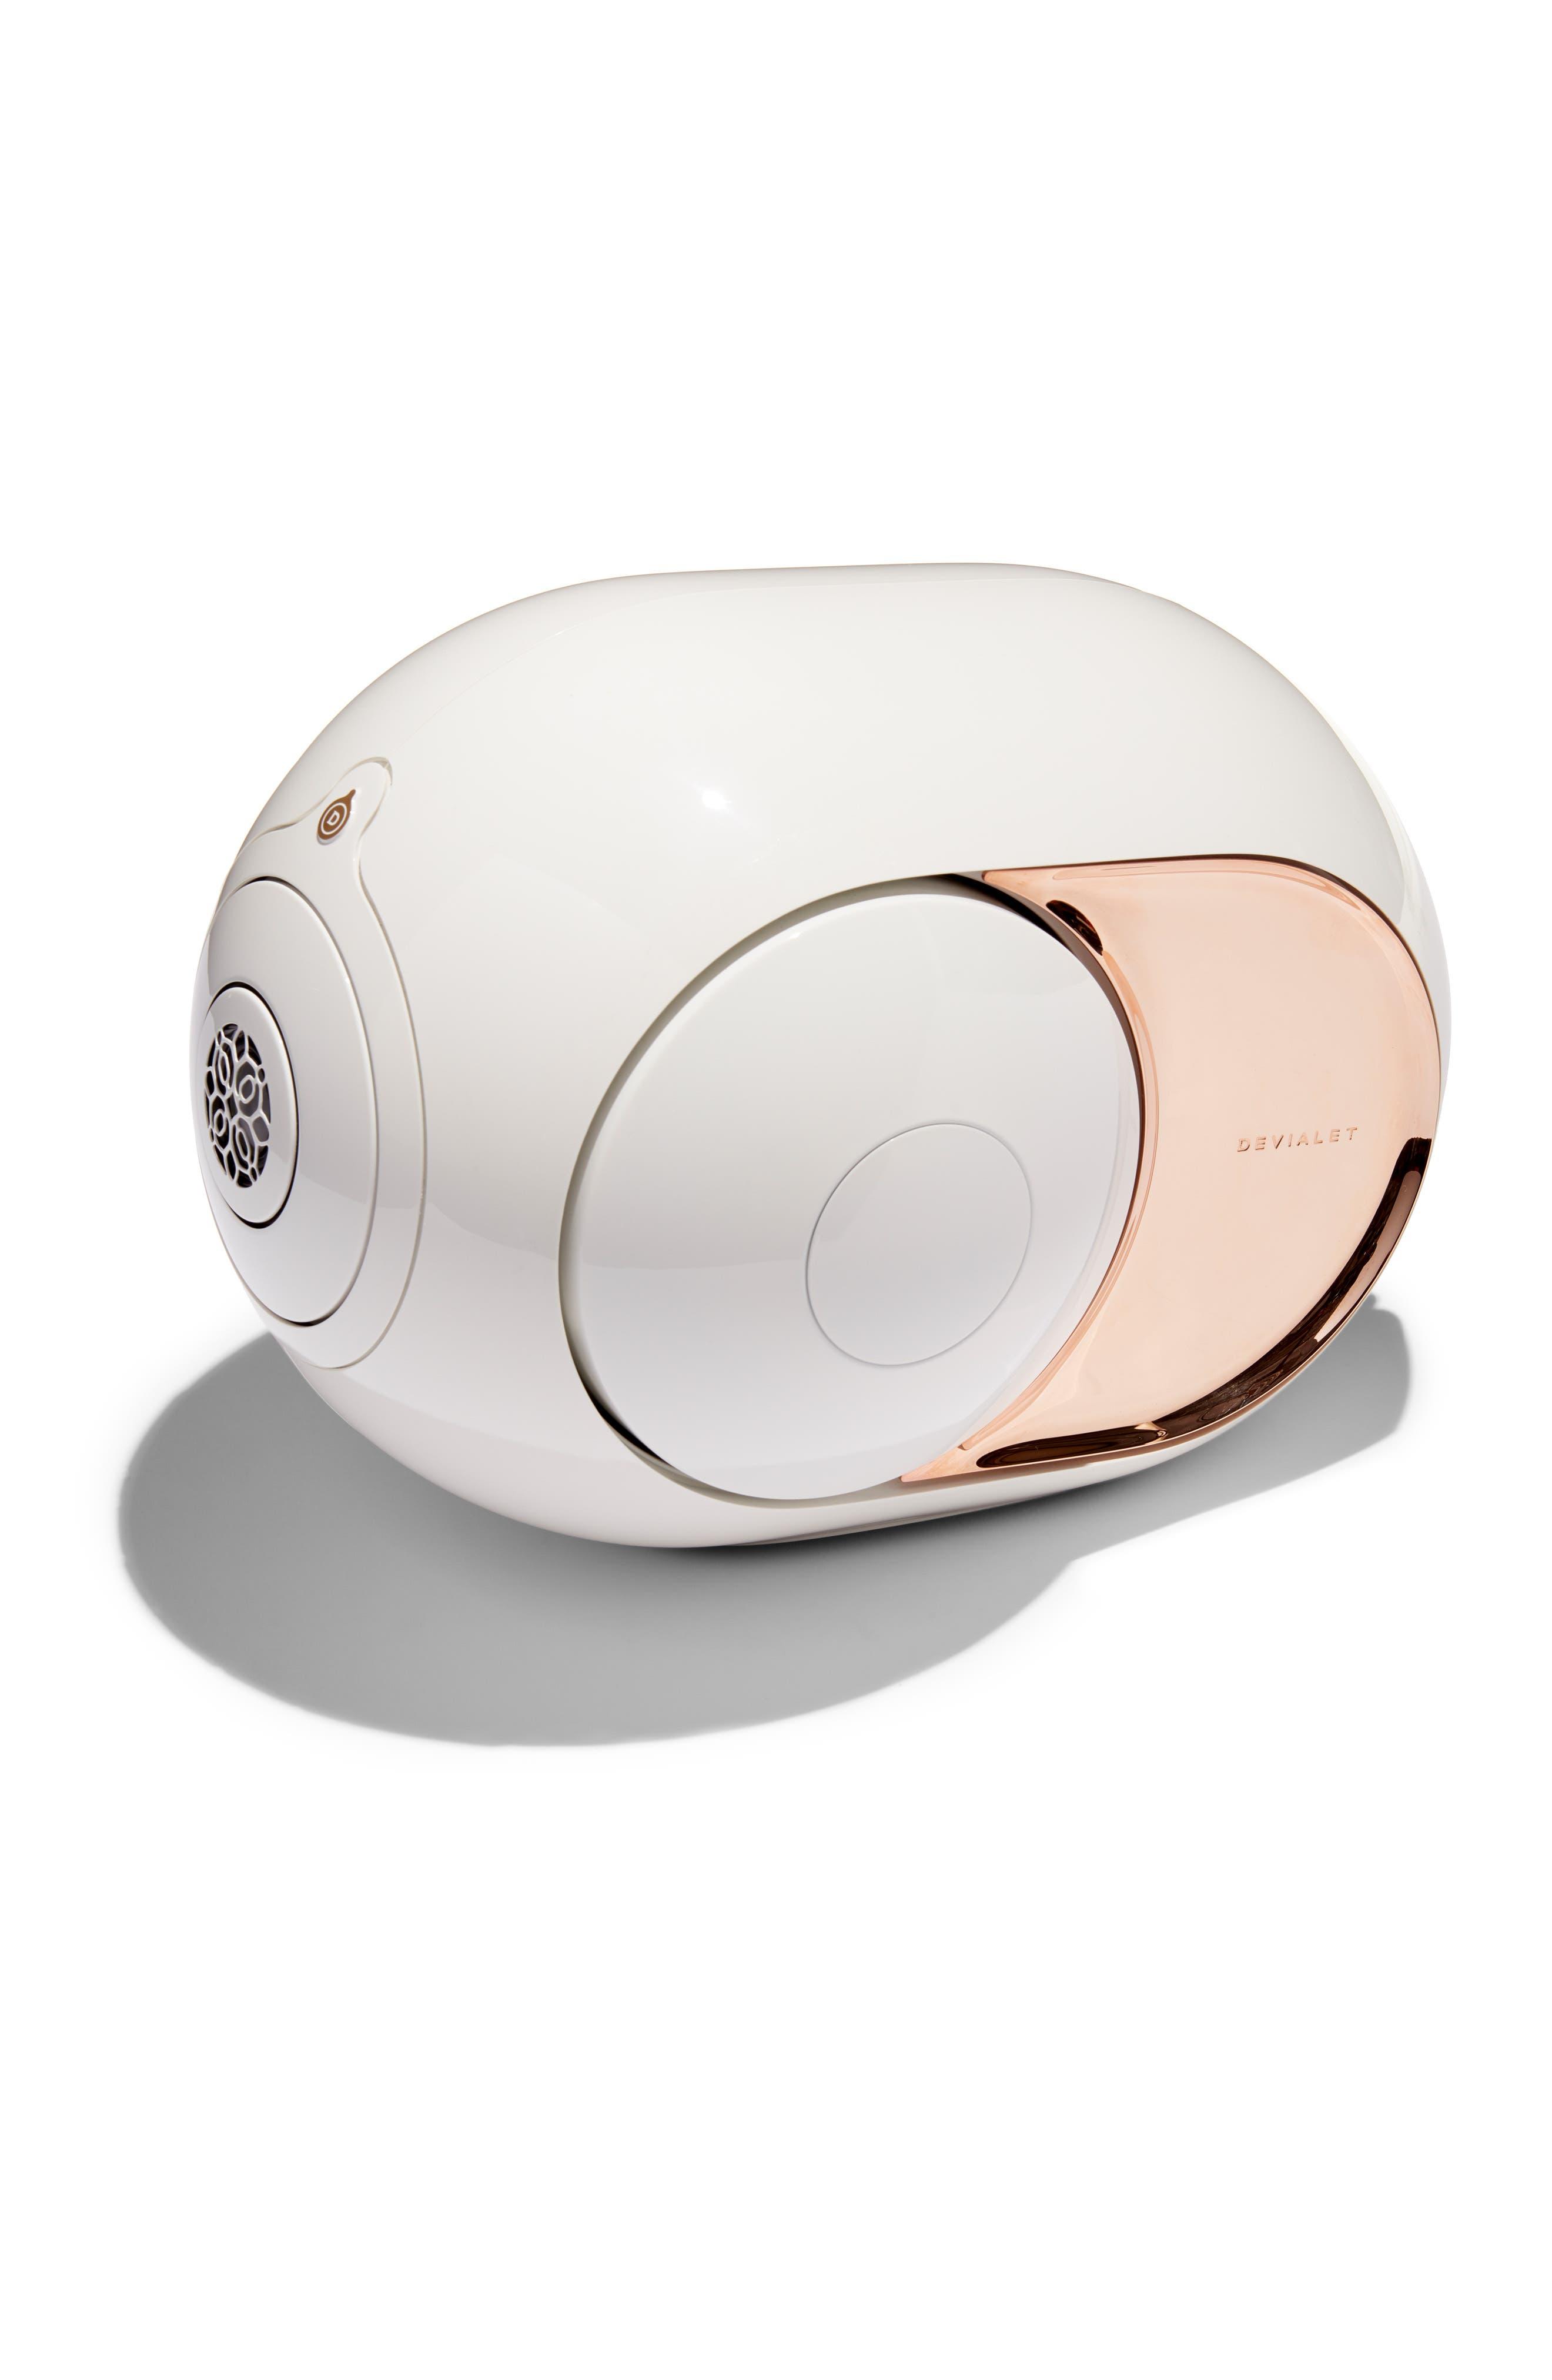 Gold Phantom Wireless Speaker,                         Main,                         color, WHITE/ GOLD